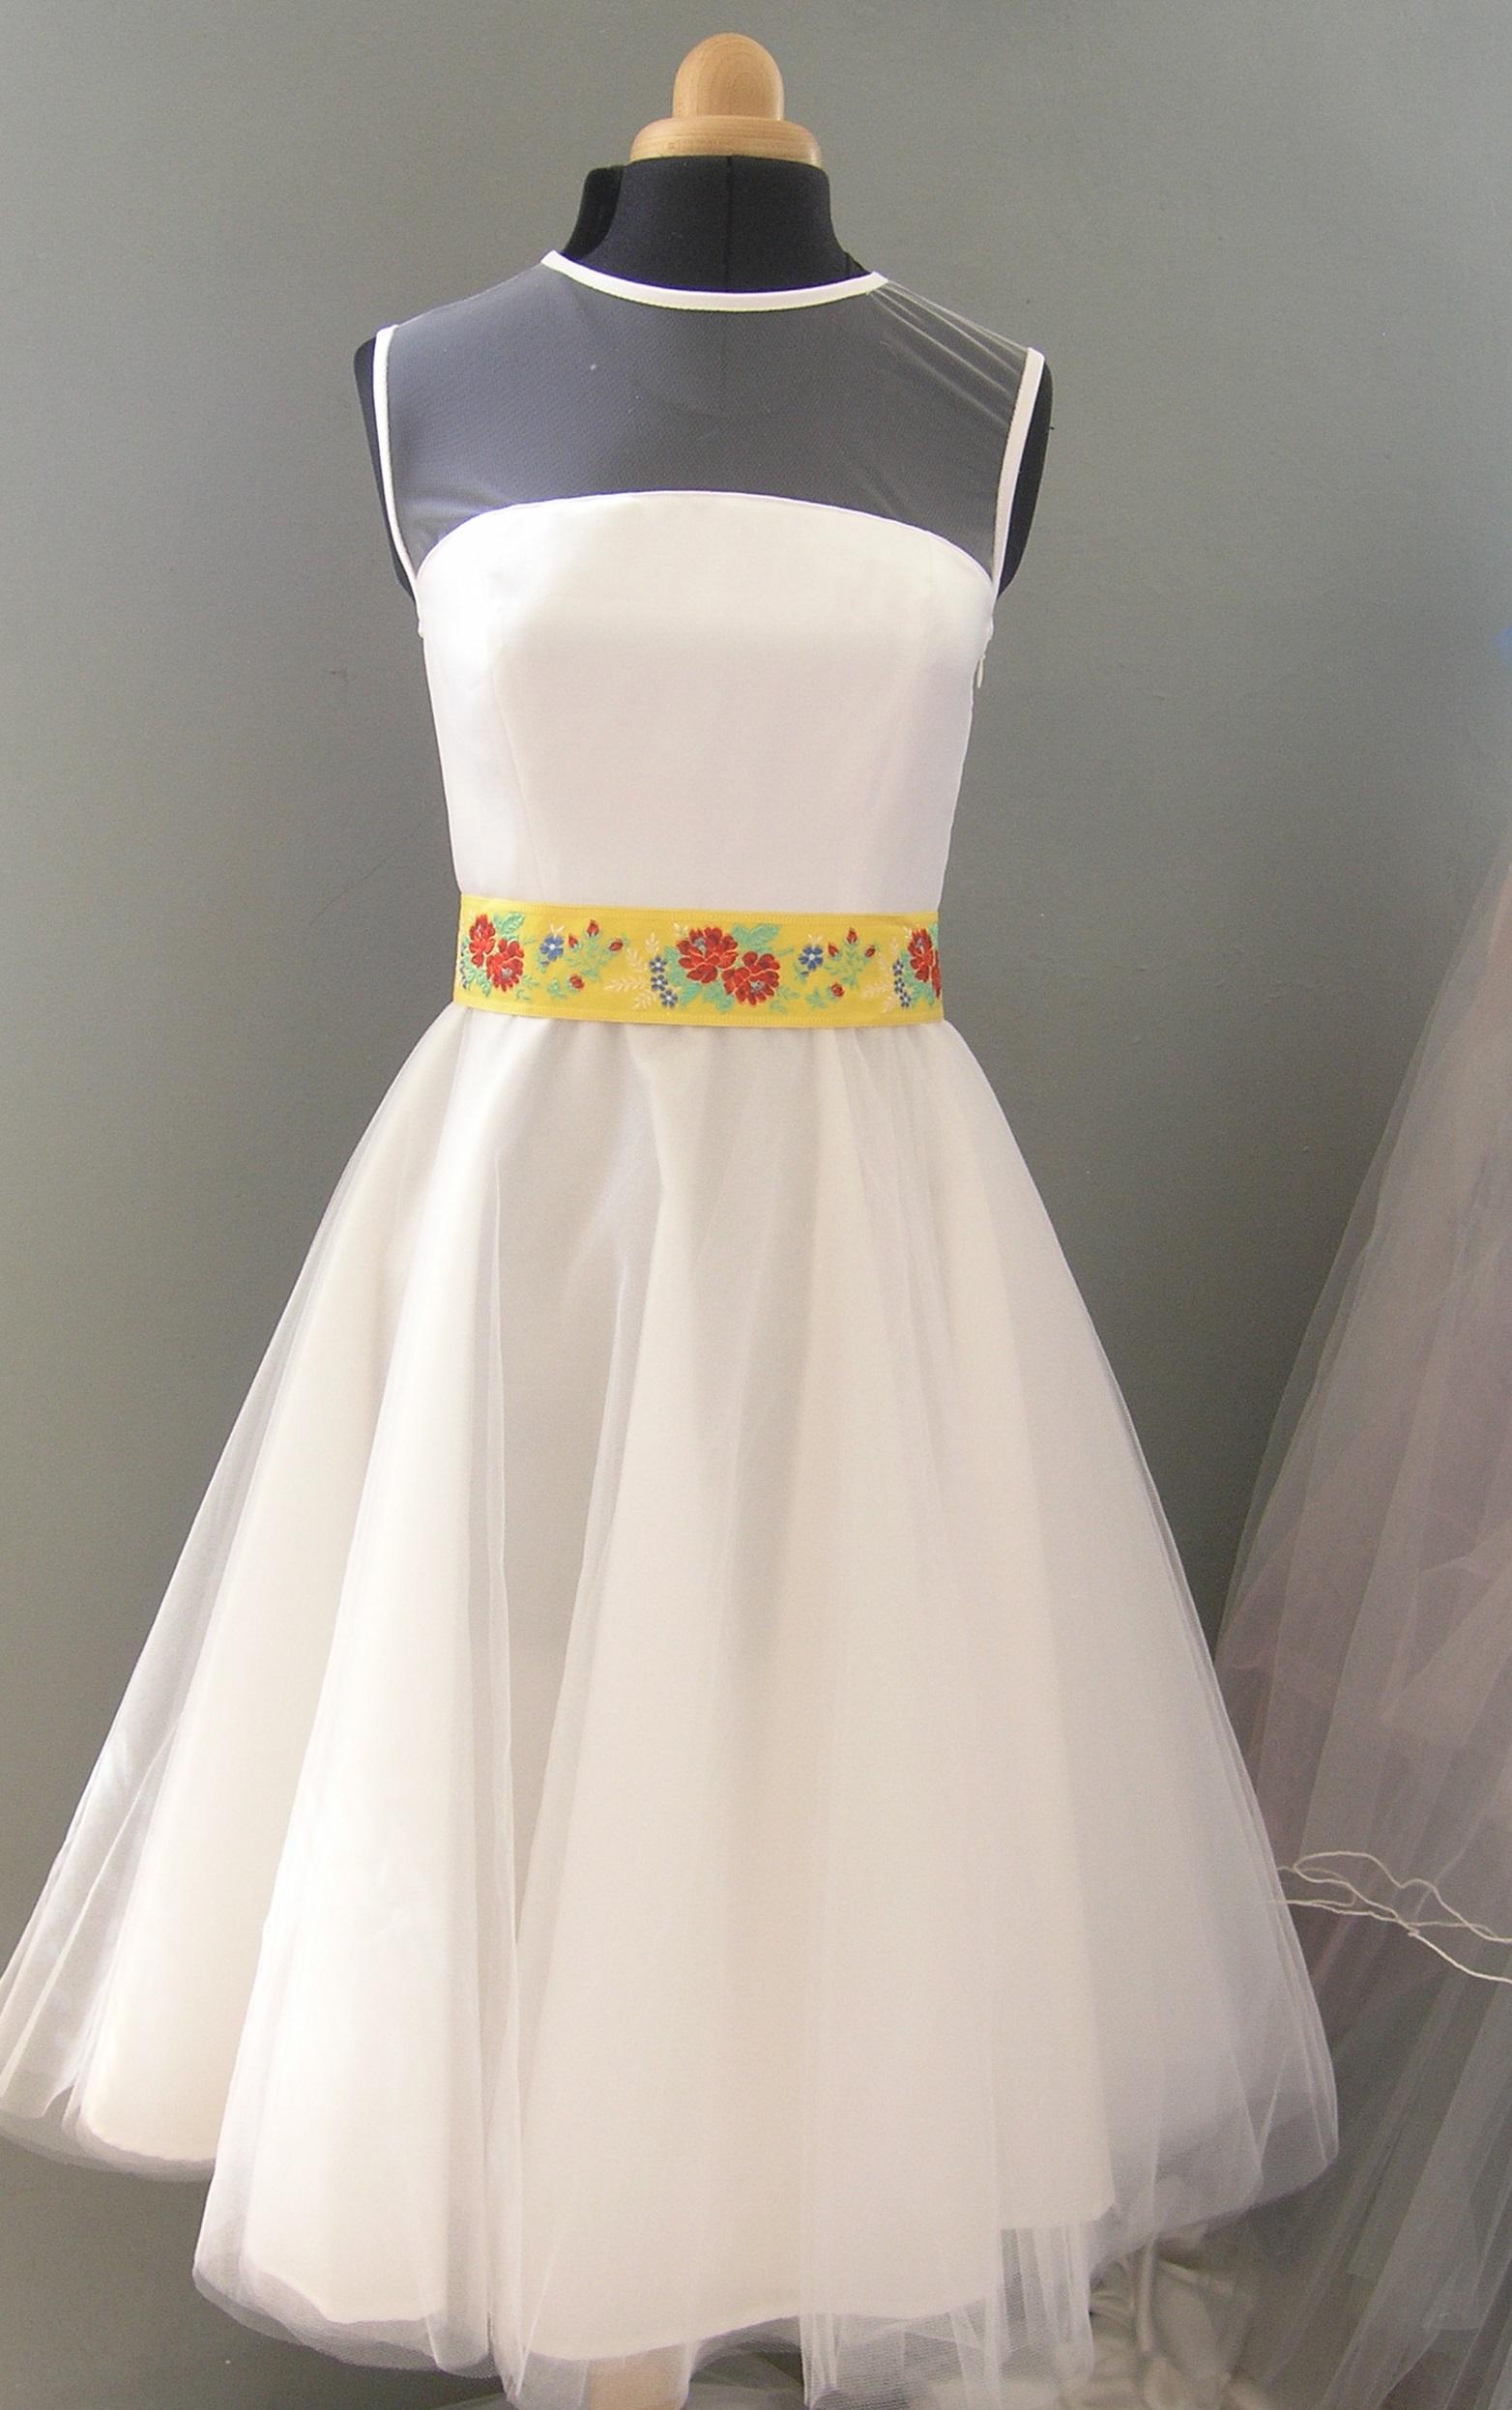 fd1be322d4c svatební šaty s kolovou tylovou sukní   Zboží prodejce ceasara